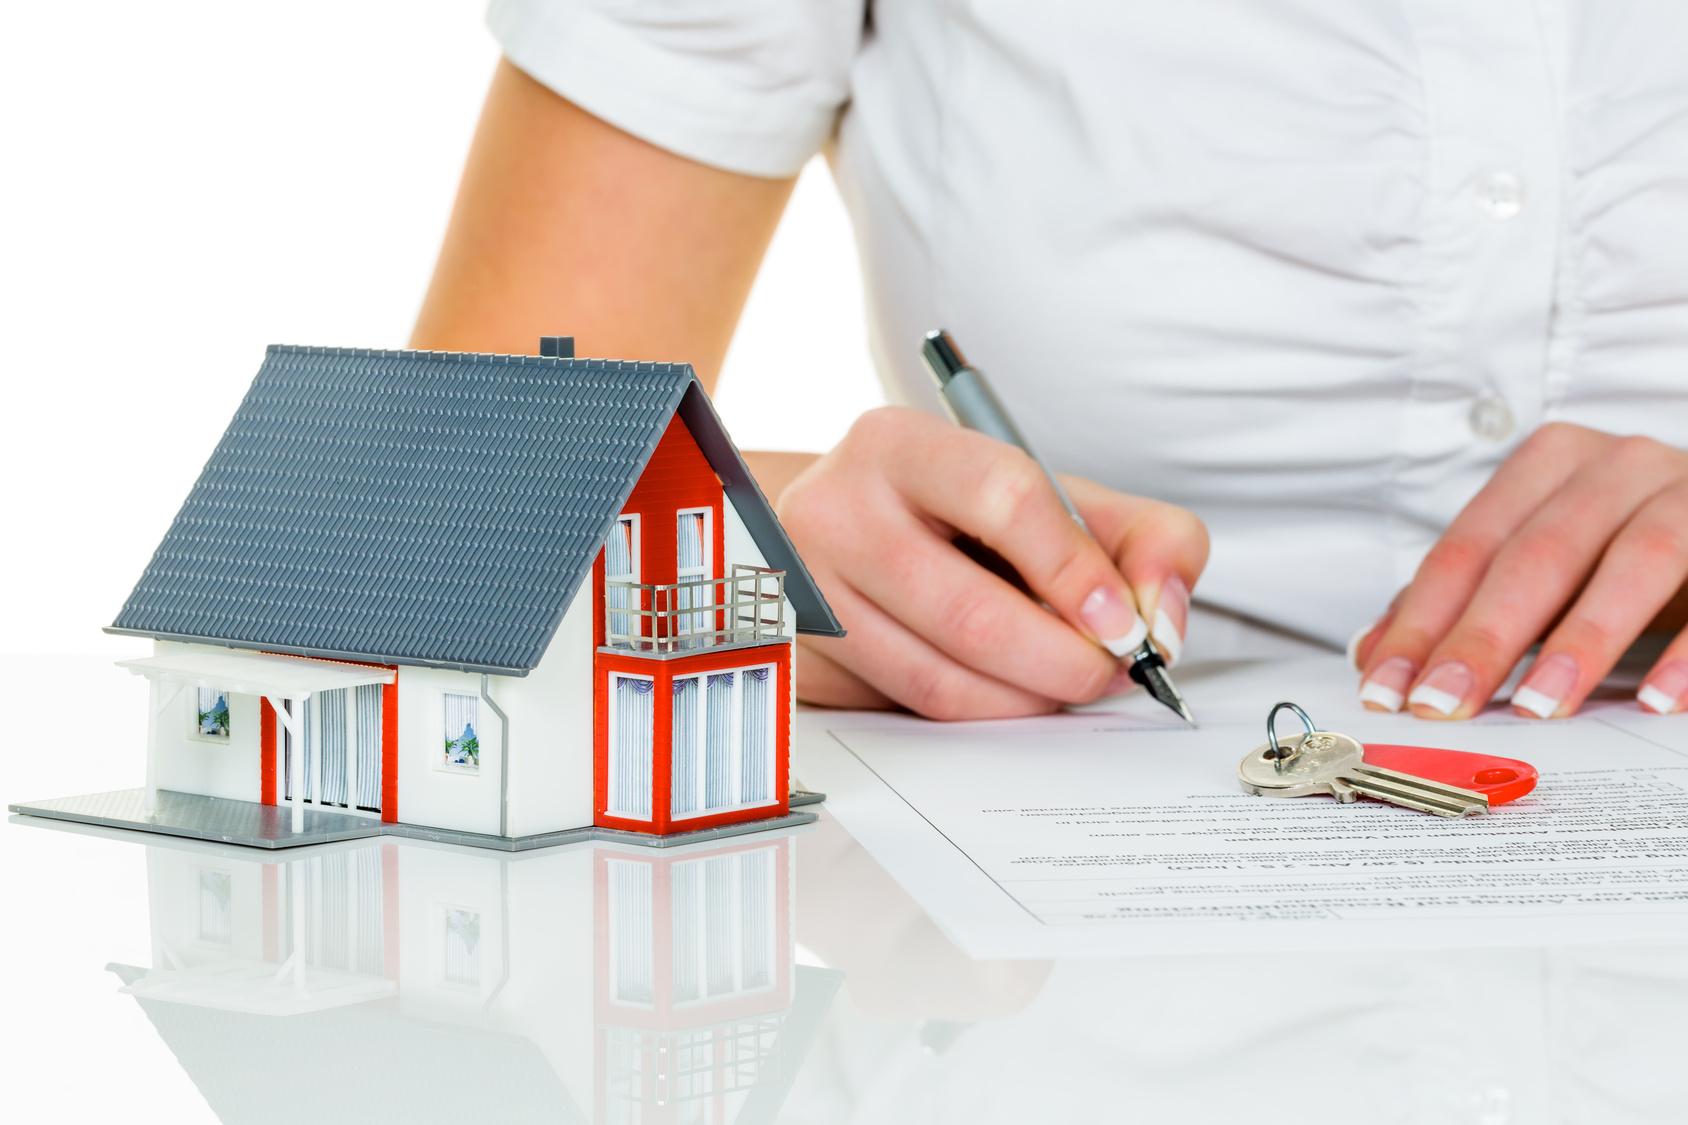 Должникам по ипотеке дали возможность продать жилье по рыночной цене  , Должник, Ипотека, жилье